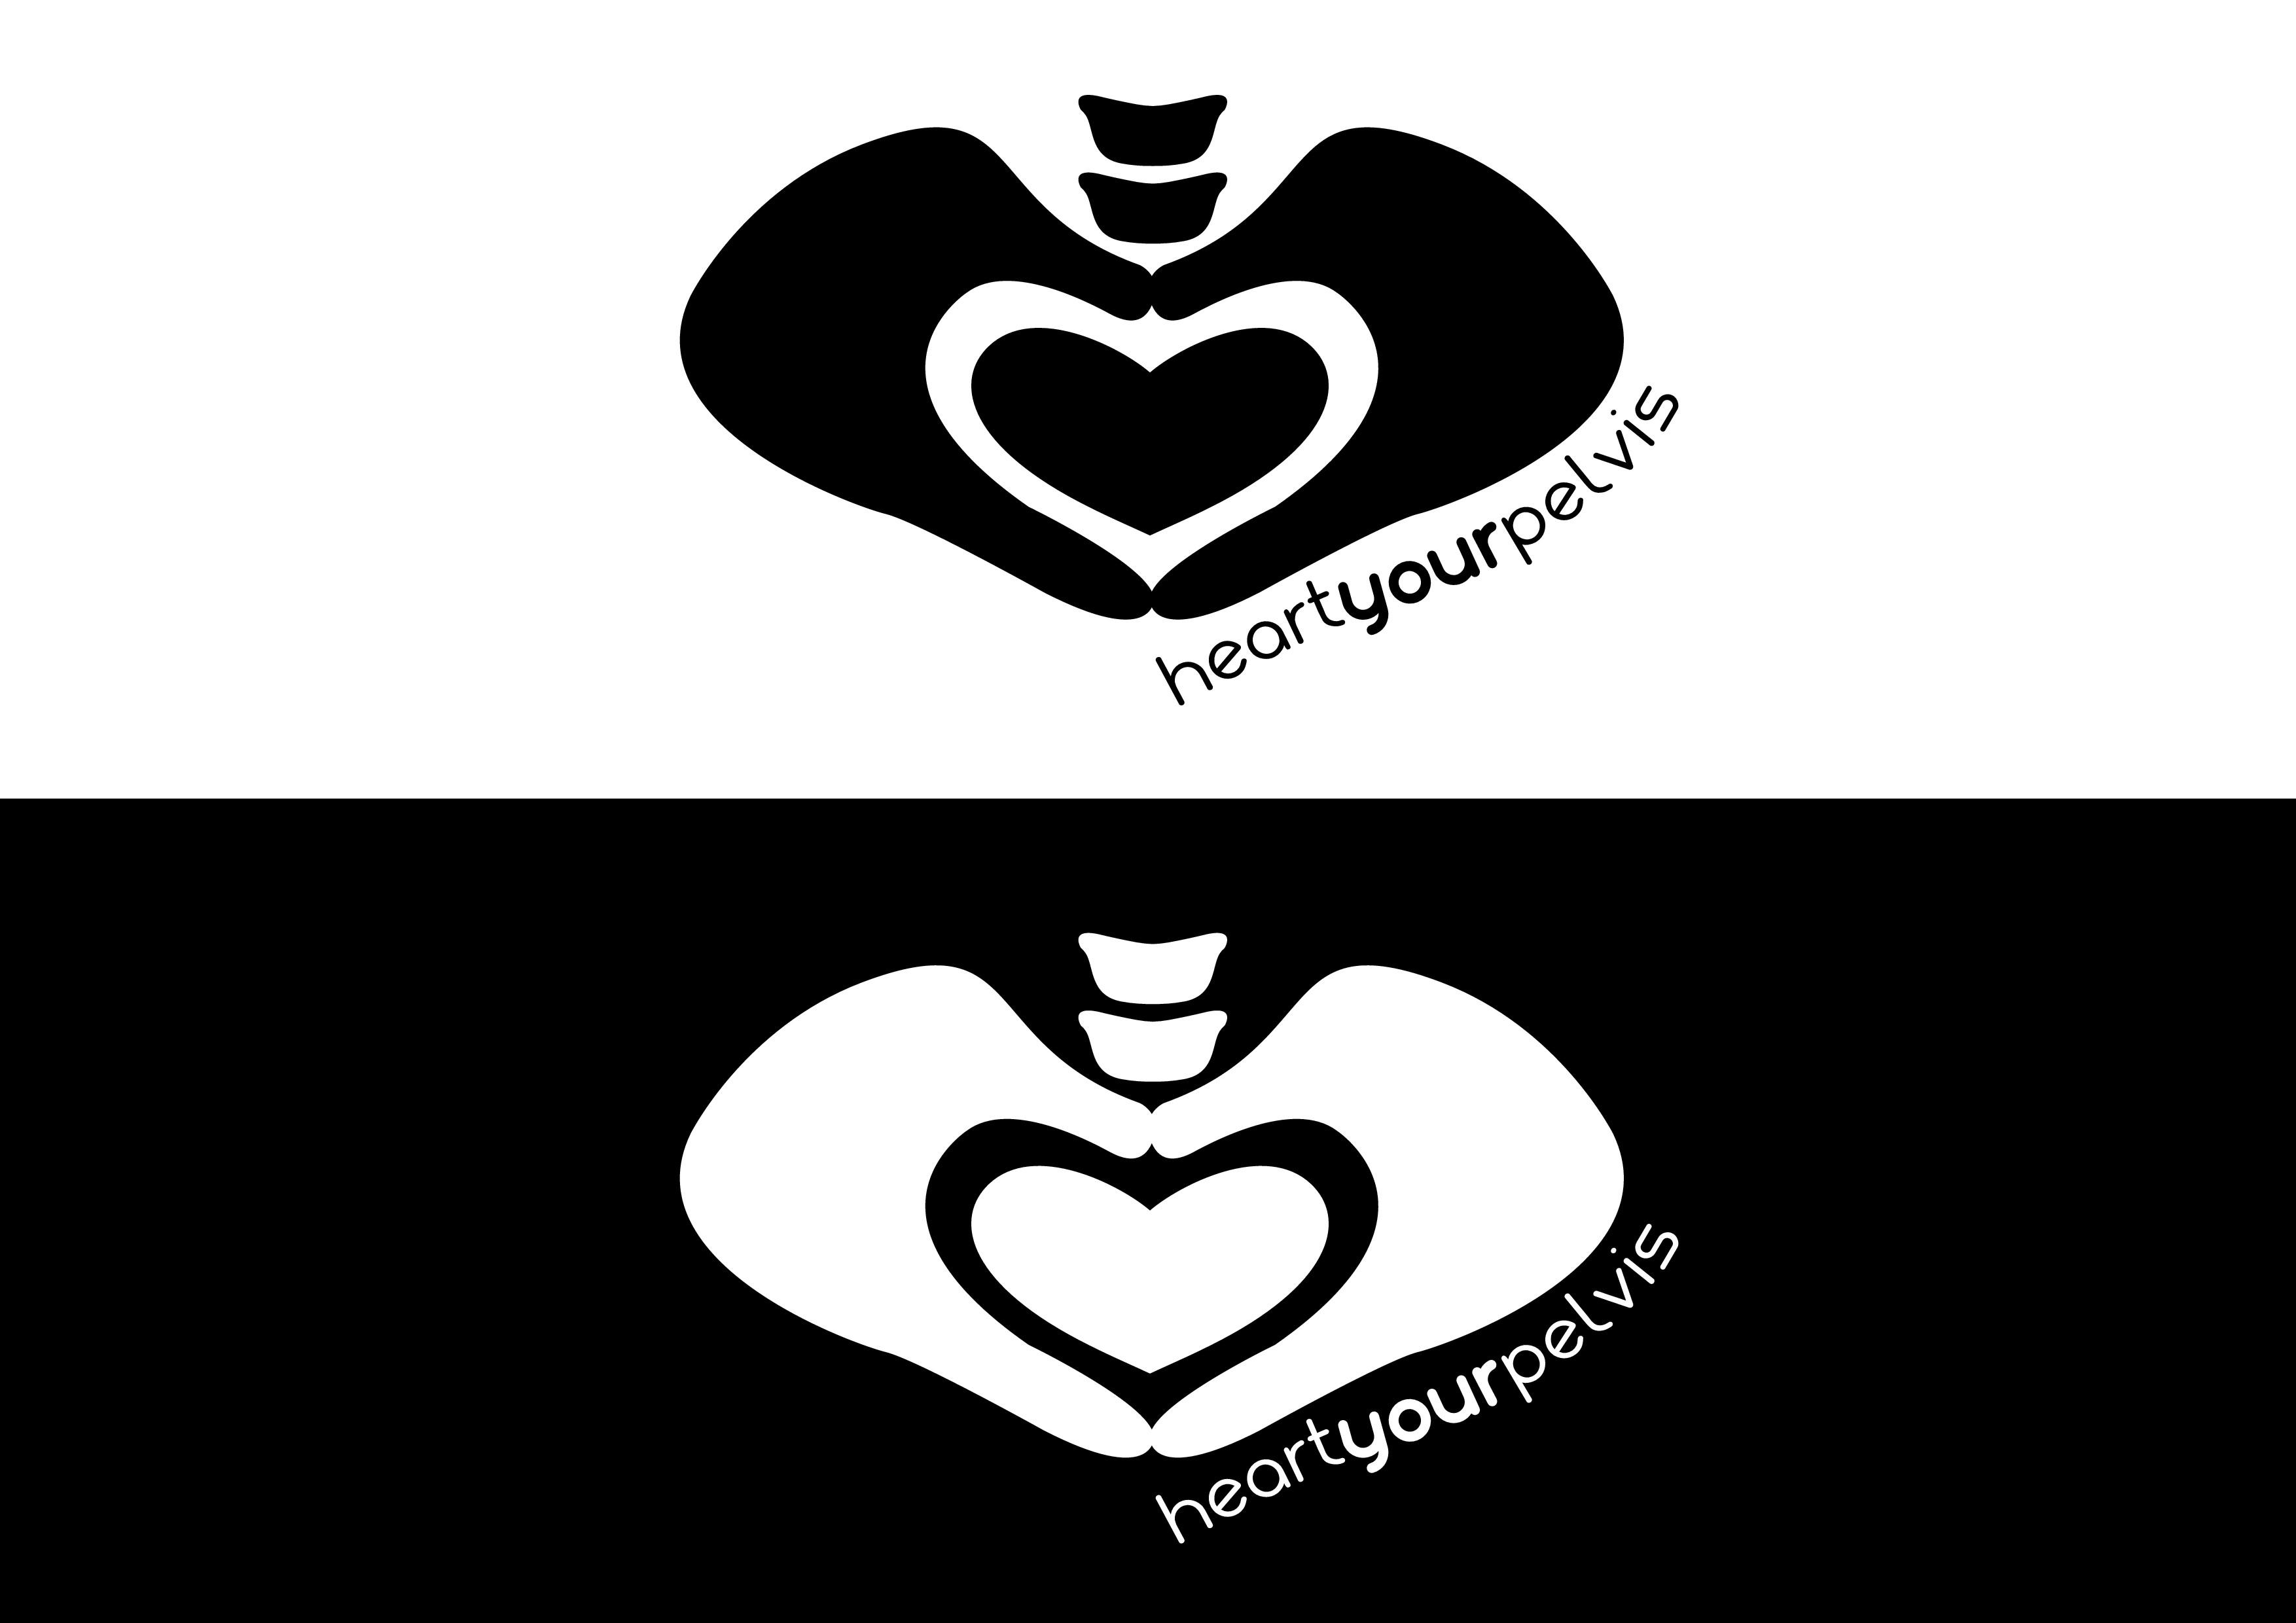 Heart Your Pelvis